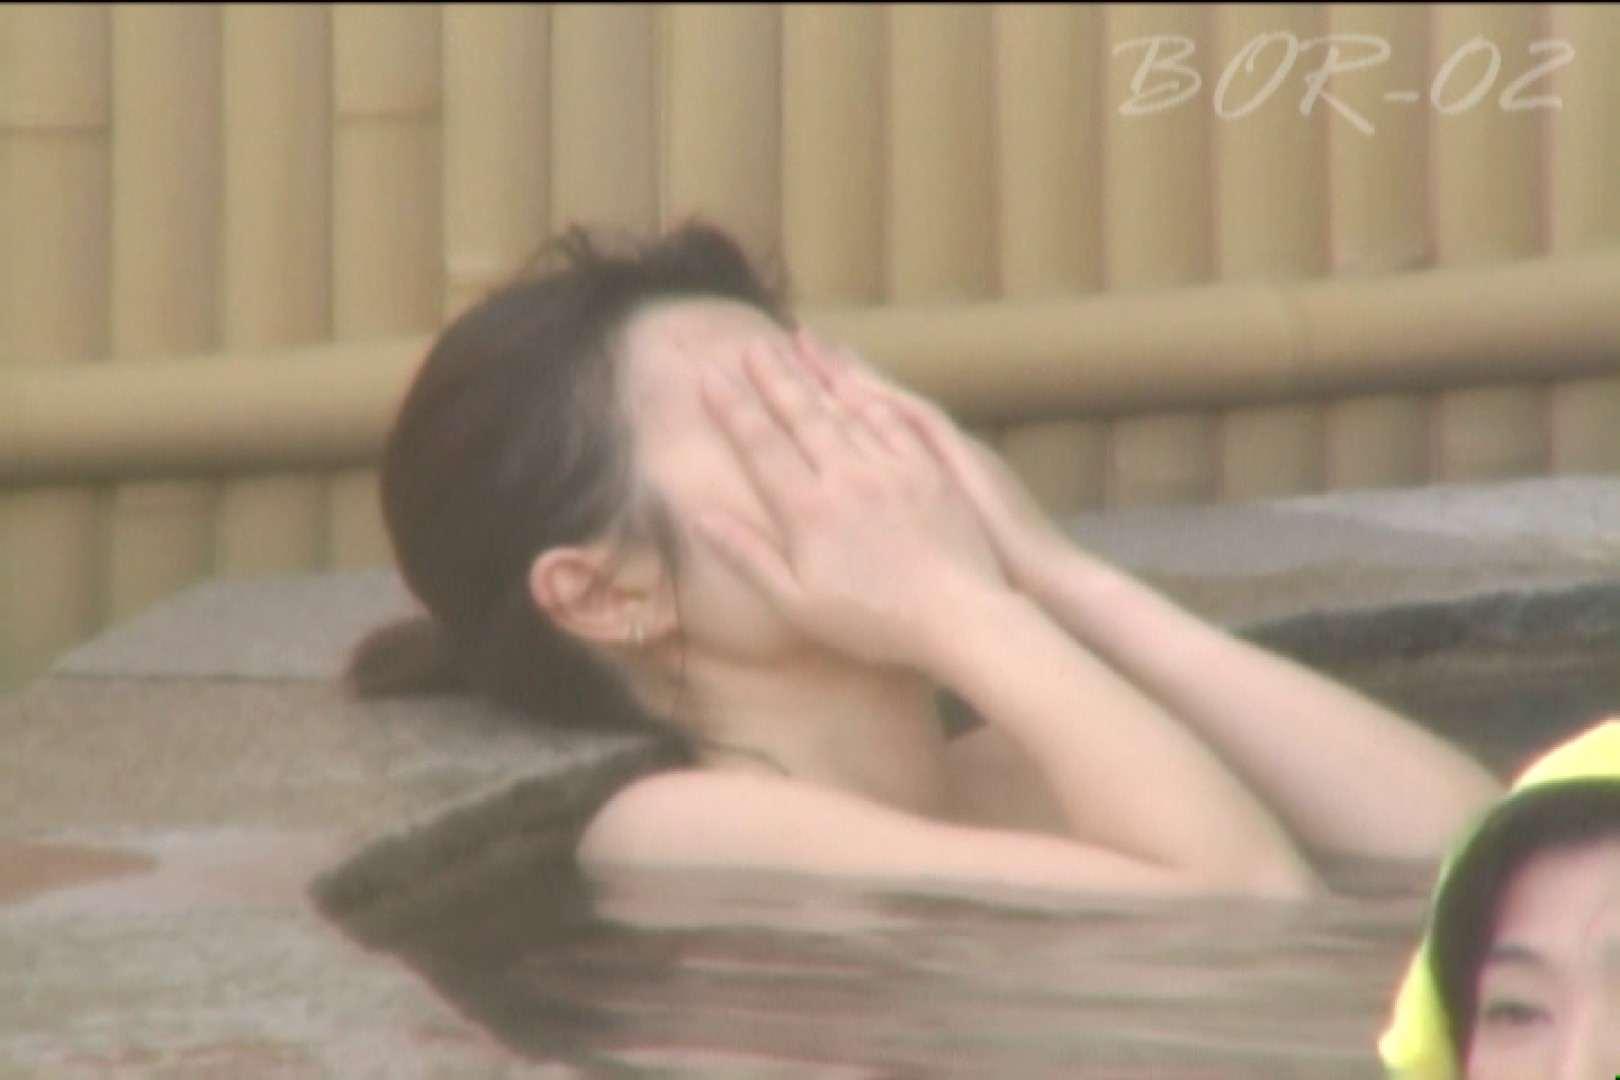 Aquaな露天風呂Vol.477 美しいOLの裸体   盗撮師作品  90pic 31